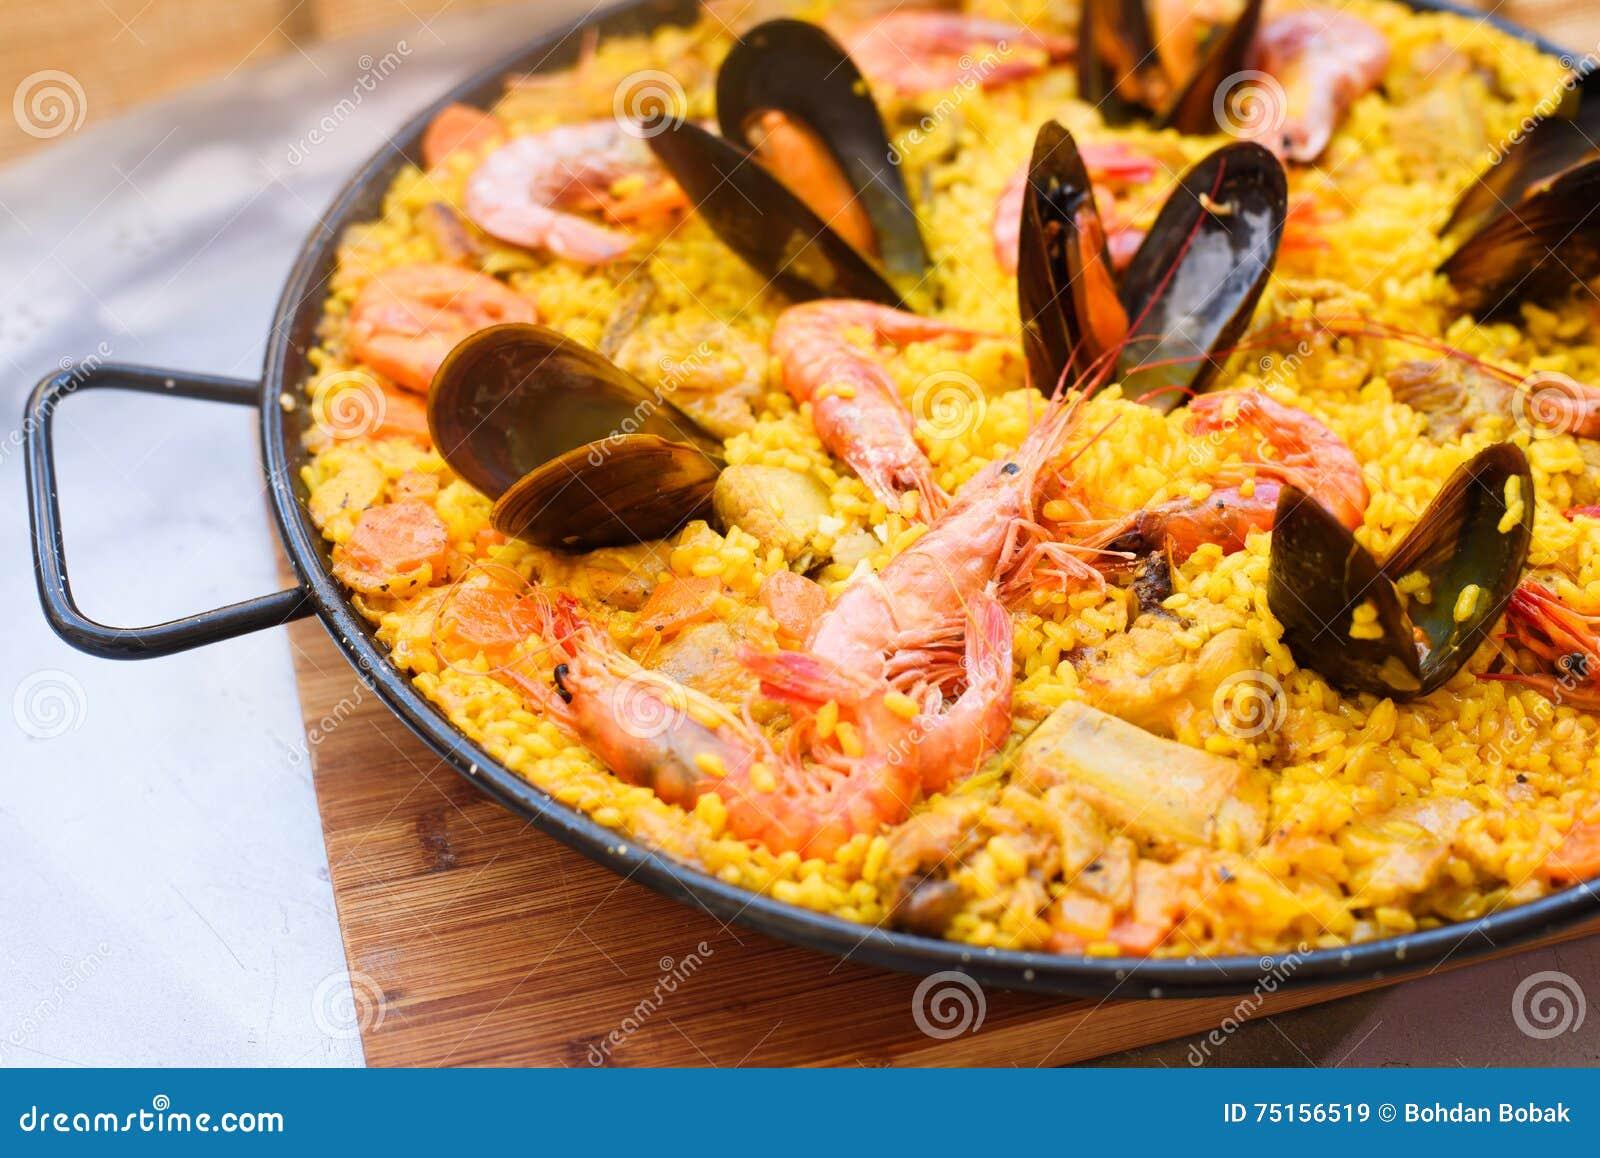 paella espagnole traditionnelle de plat avec des crevettes. Black Bedroom Furniture Sets. Home Design Ideas